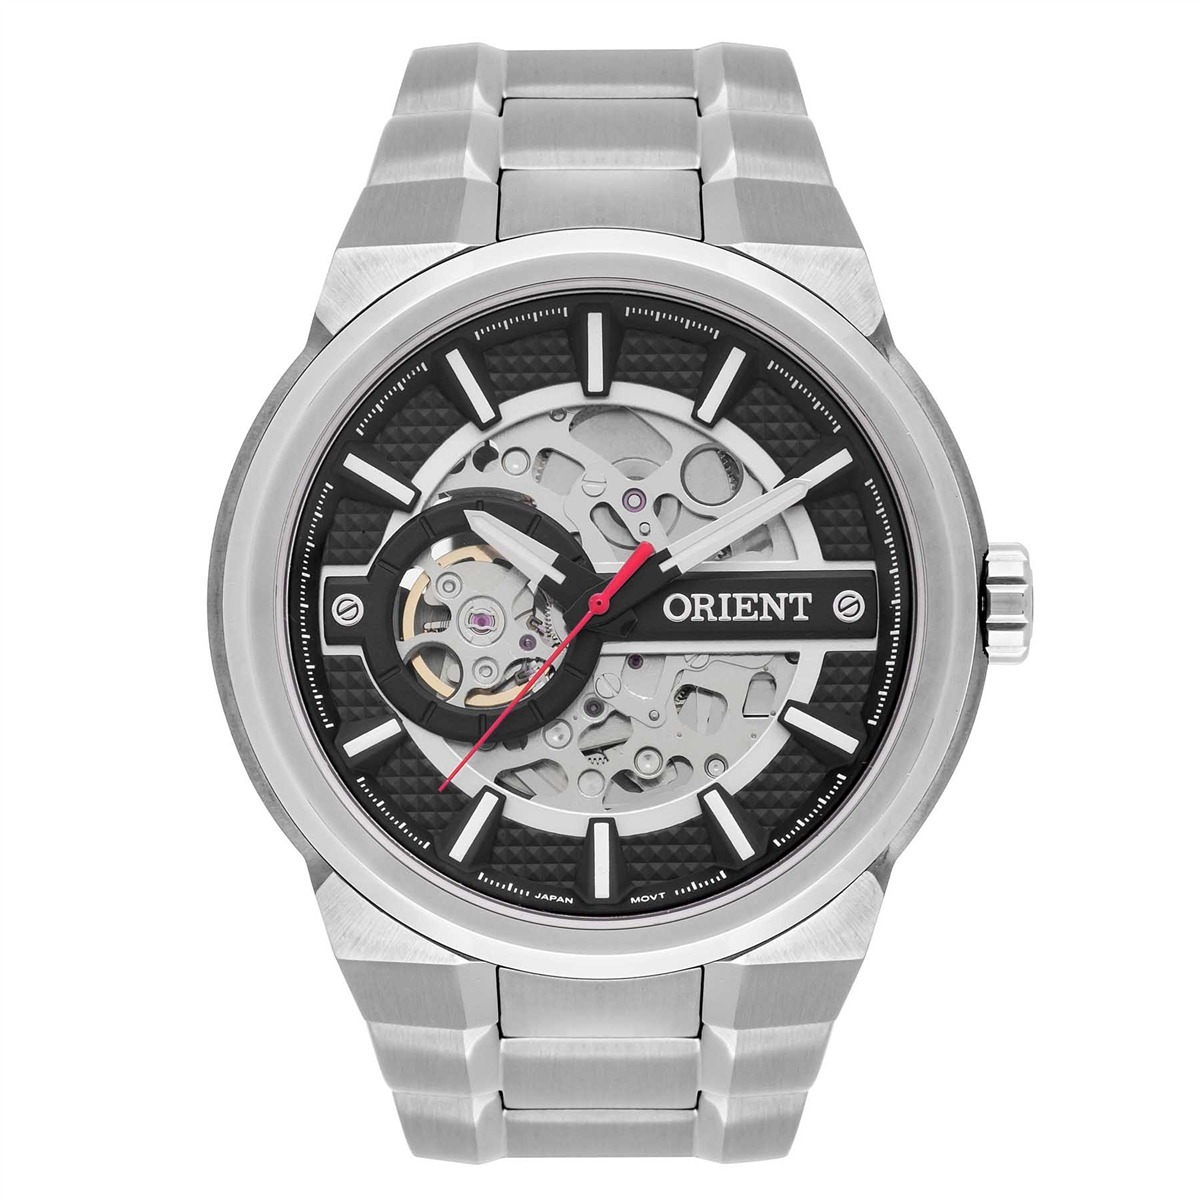 5aae05d17b9 relógio orient automático masculino nh7ss002 p1sx esqueleto. Carregando  zoom.